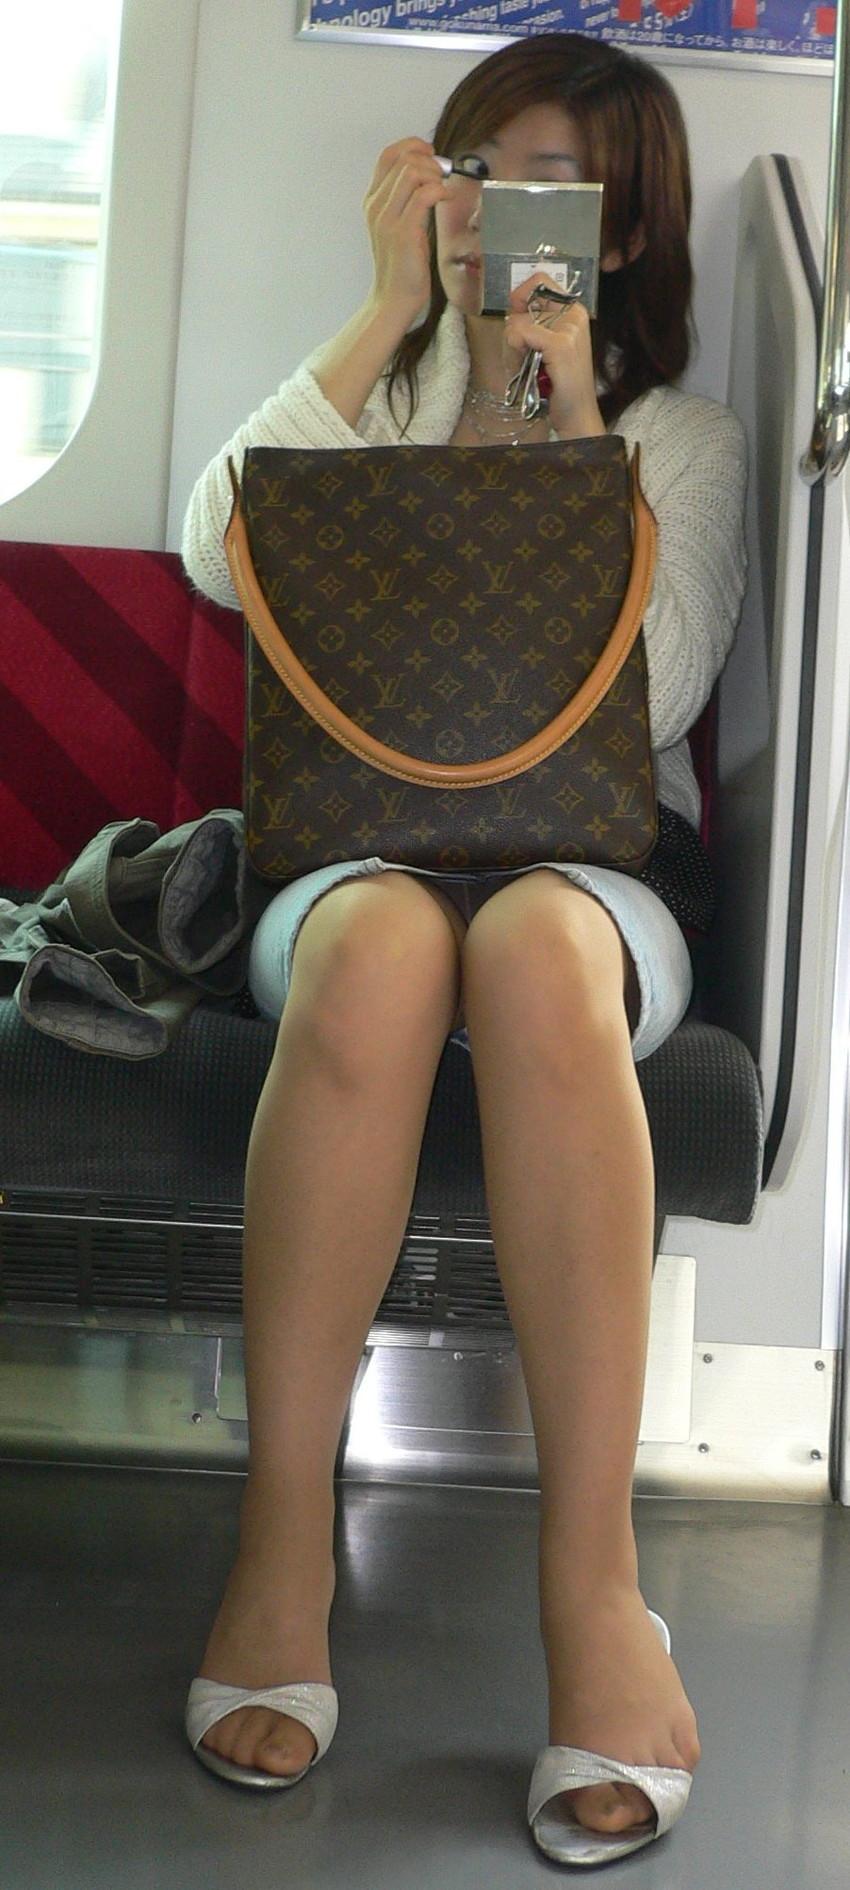 【電車内盗撮エロ画像】素人娘のパンチラや胸チラを電車内で狙ってみた結果 26